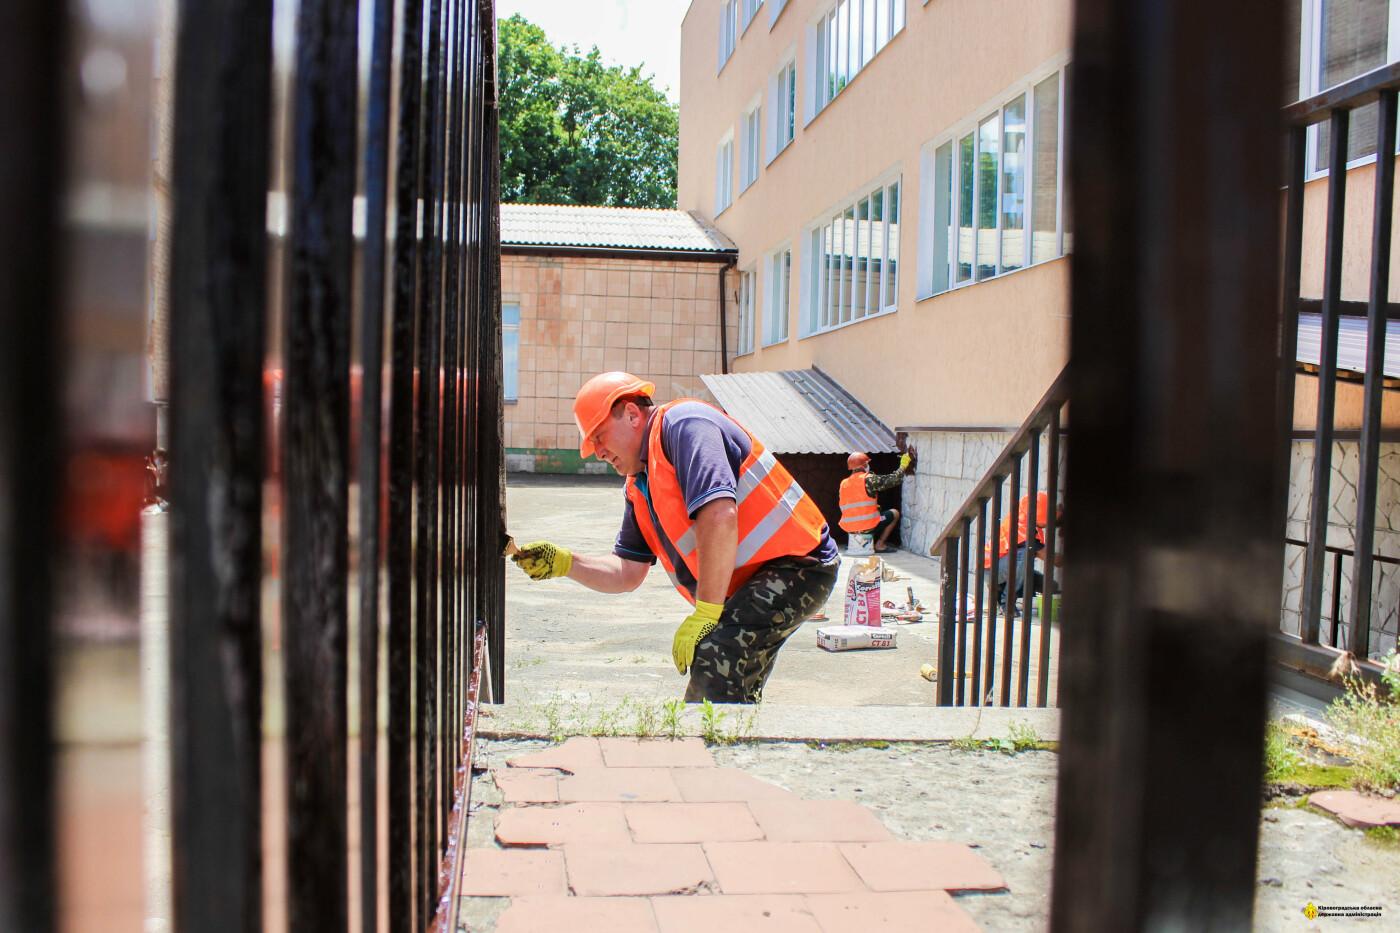 У єдиній школі в селищі Побузьке Голованівського району триває реконструкція, фото-7